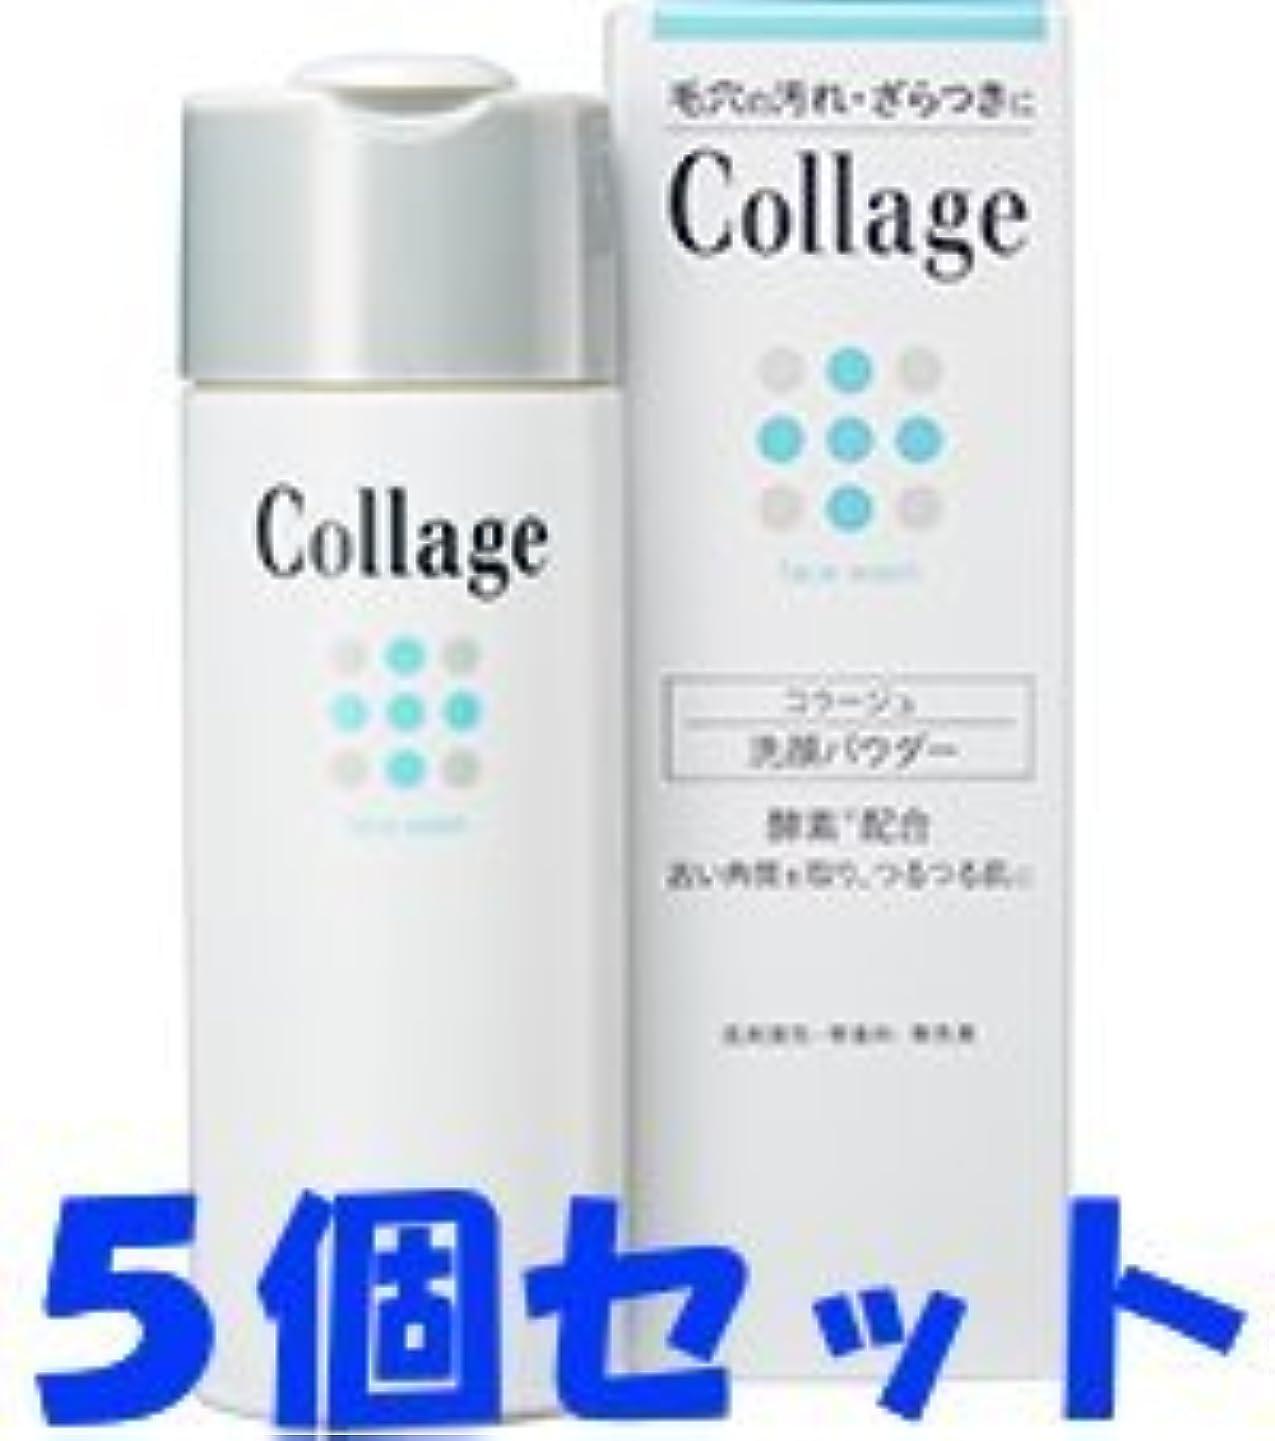 処方する課税温度【5個セット】コラージュ 洗顔パウダー 80g